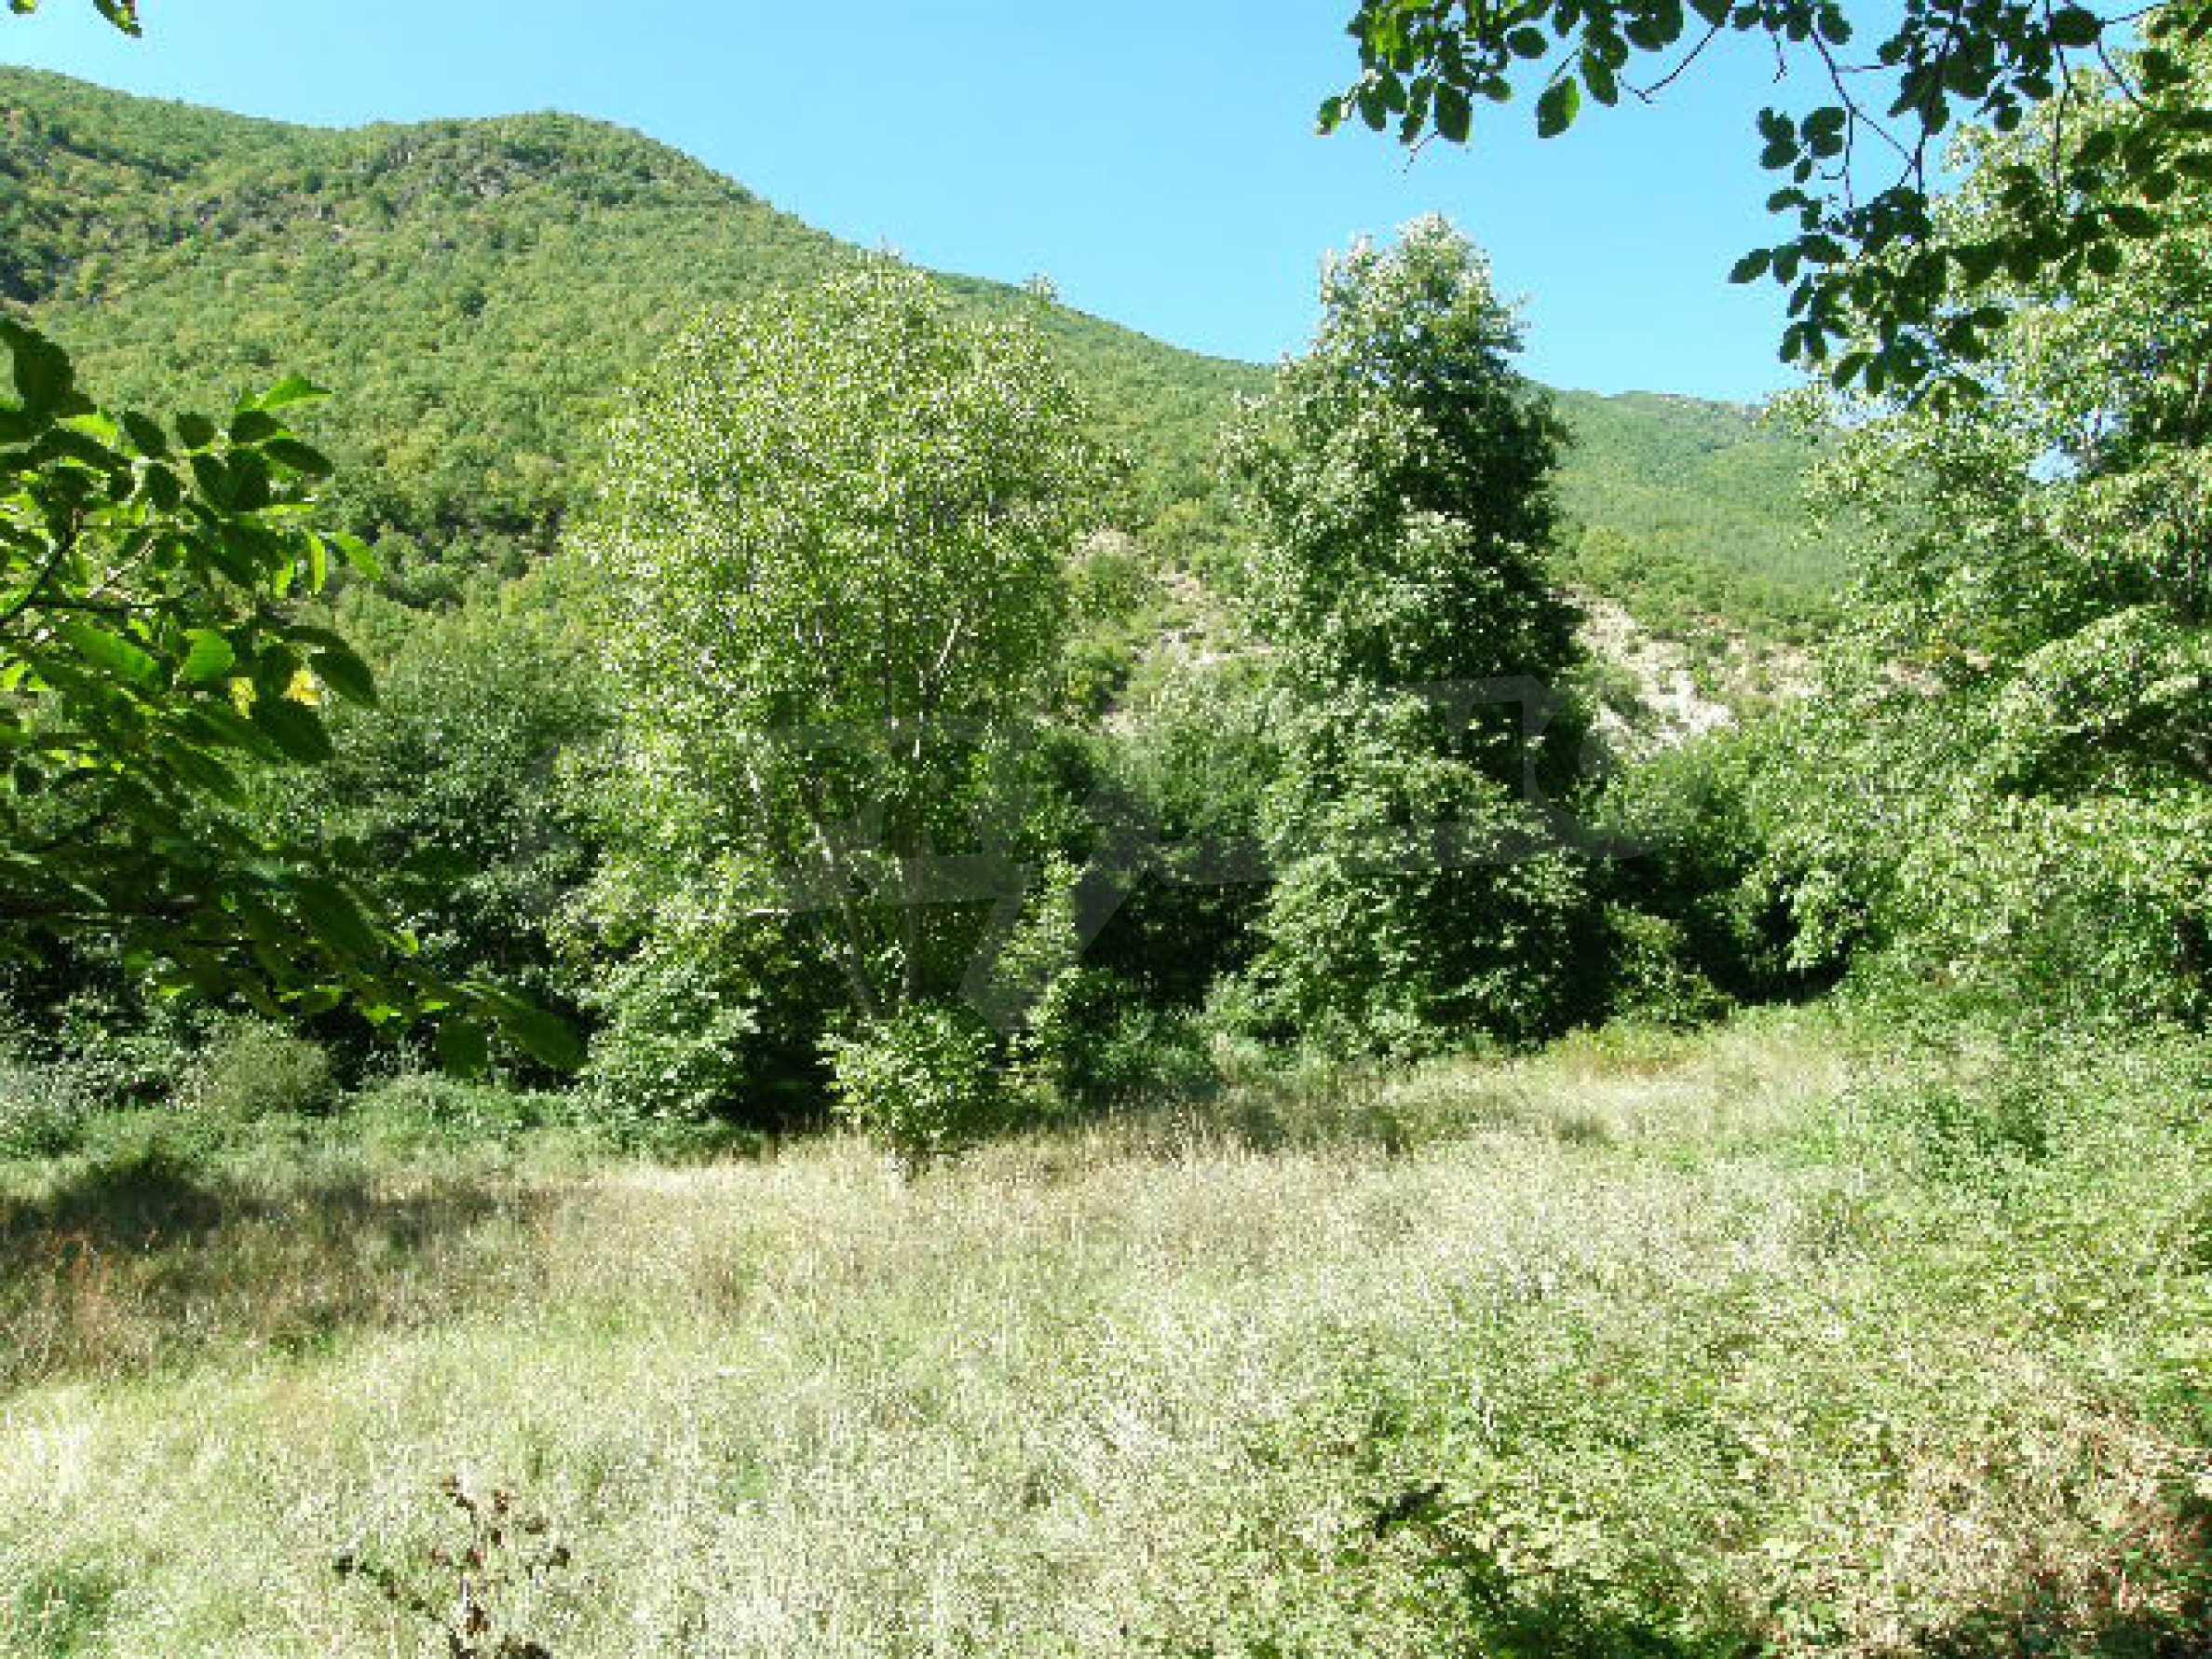 Bauland für ein Feriendorf in der Nähe von Sandanski